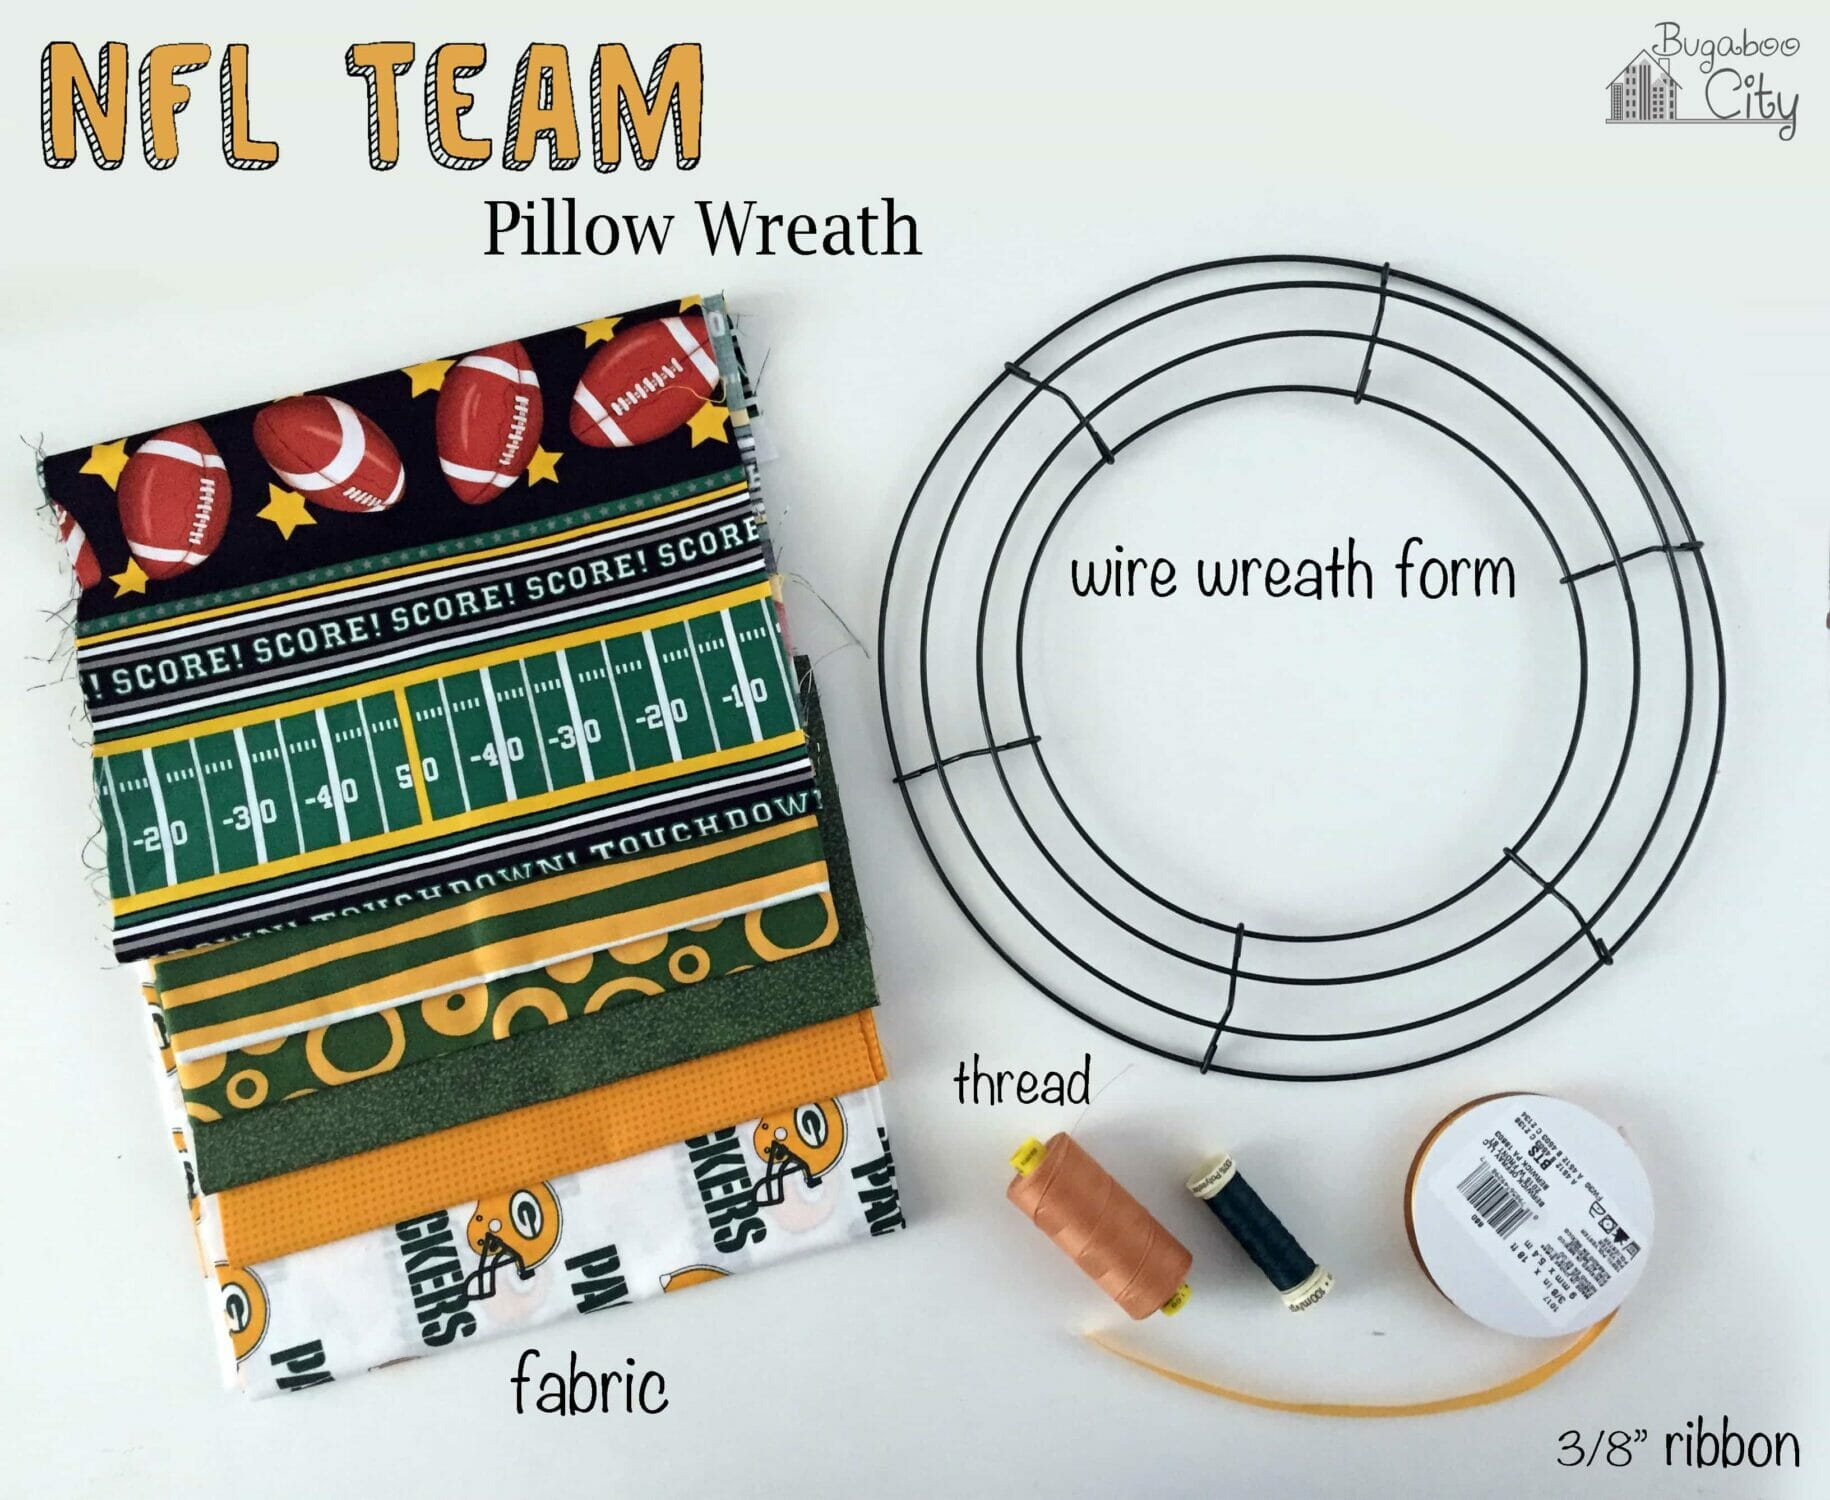 nfl team pillow wreath bugaboocity